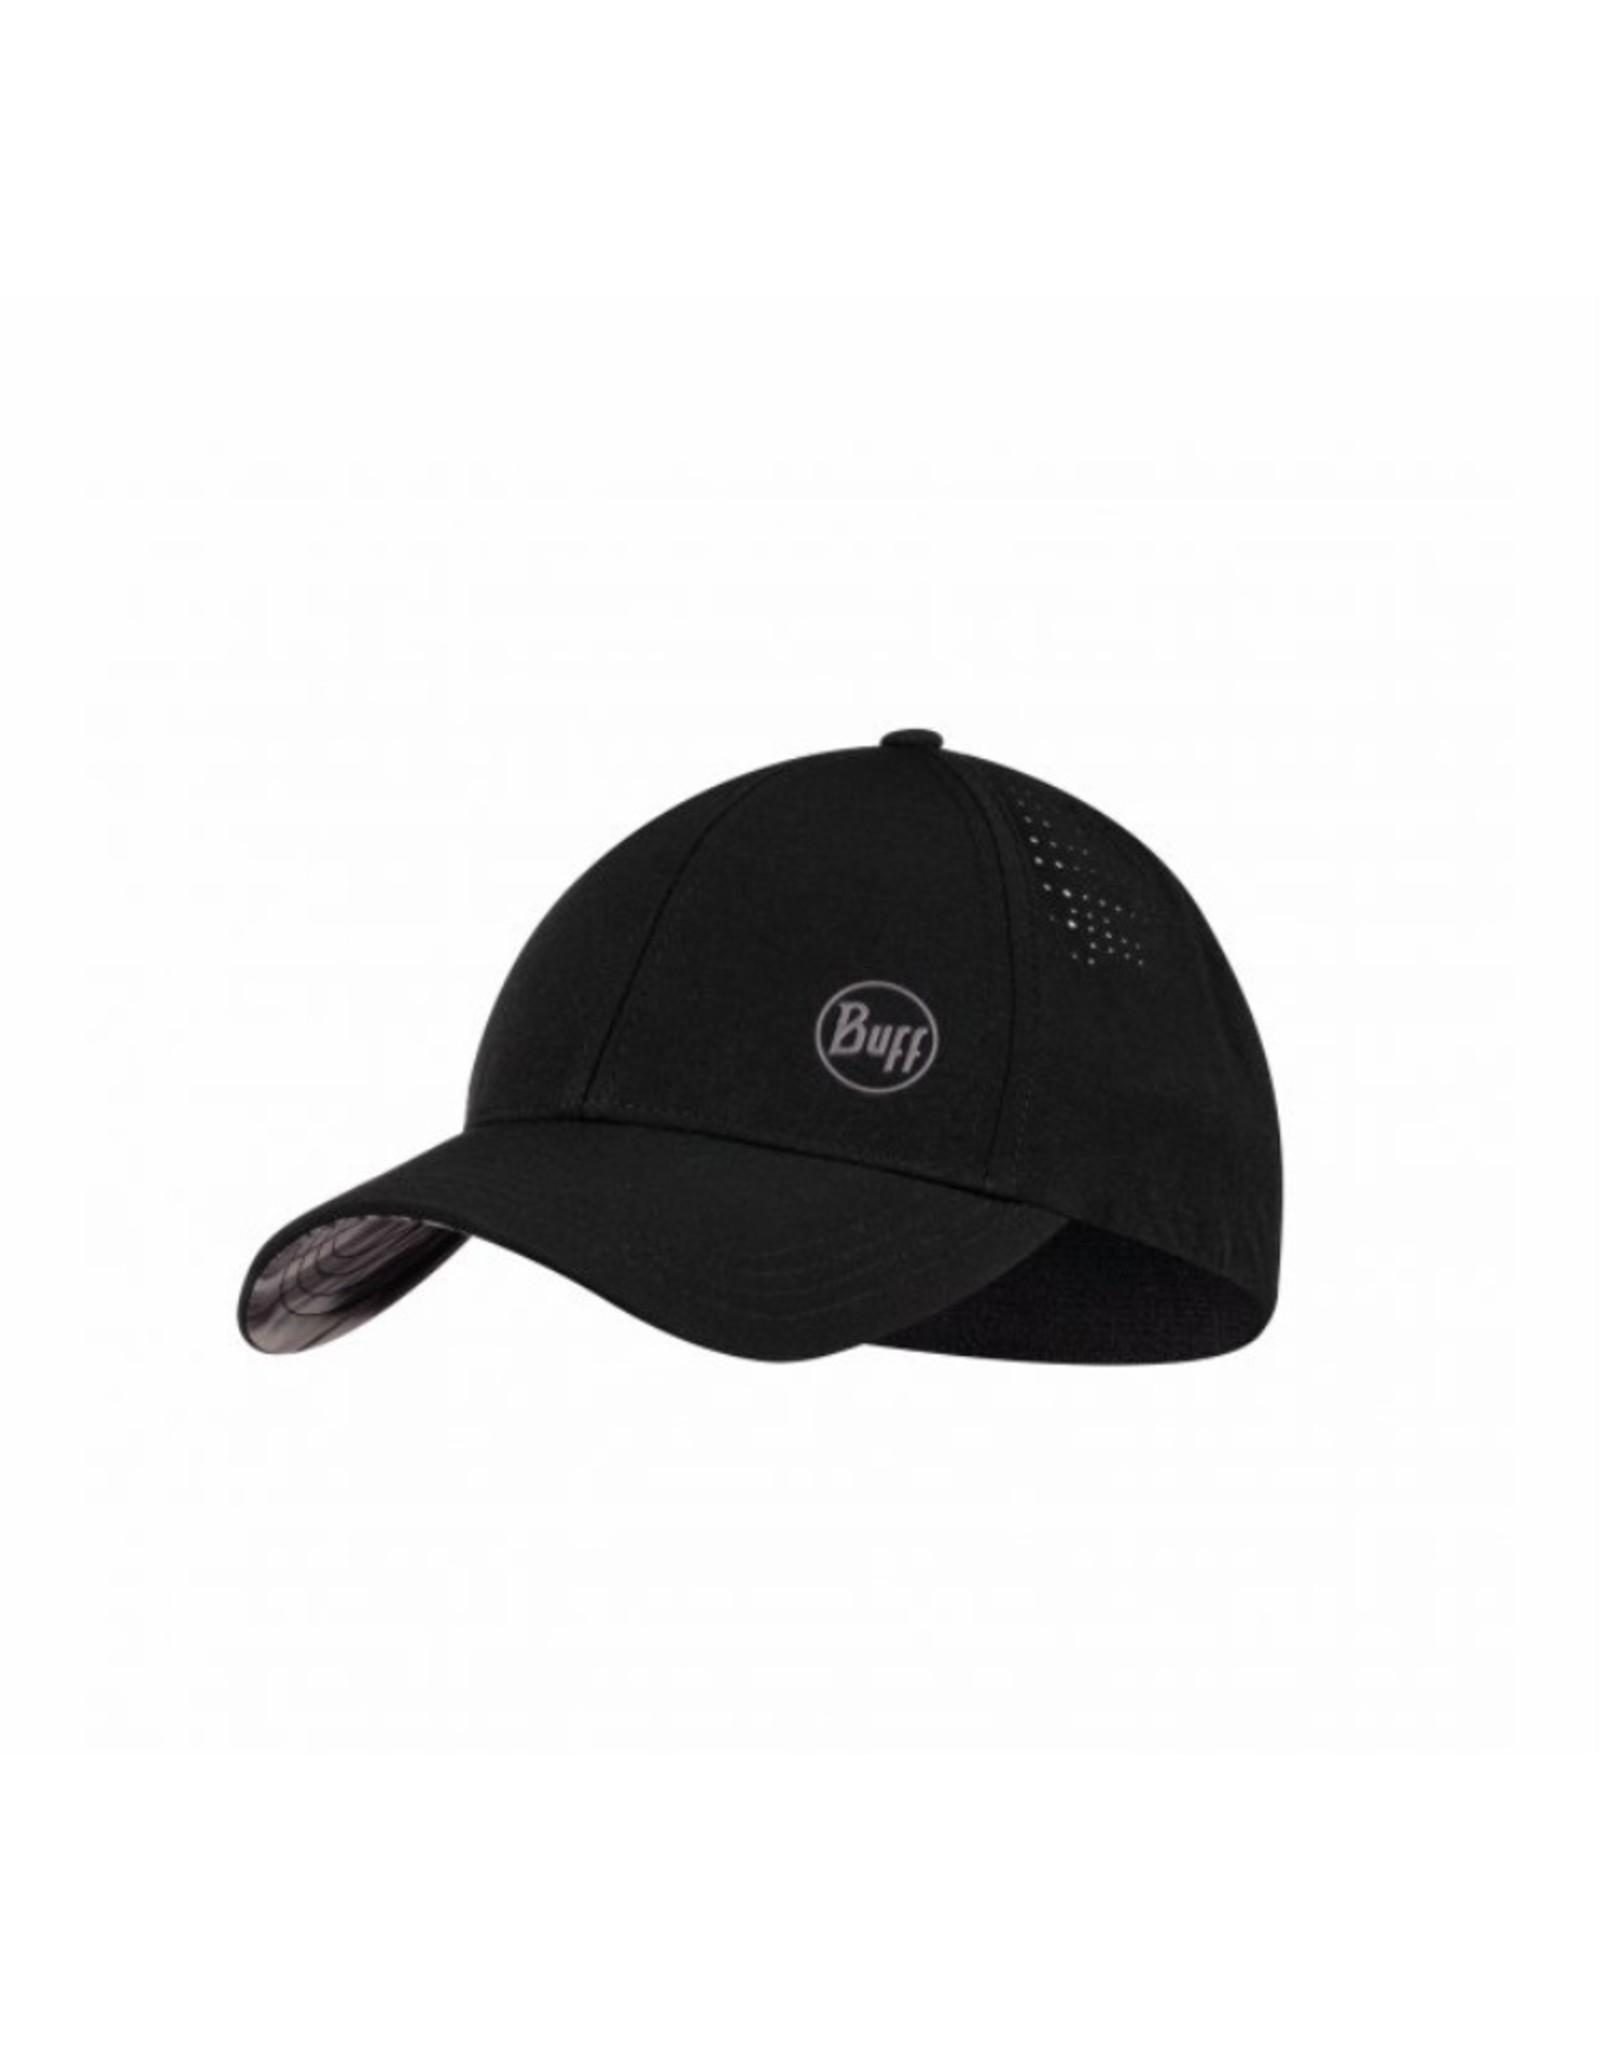 Buff Buff Trek Cap Ikut Black L/XL